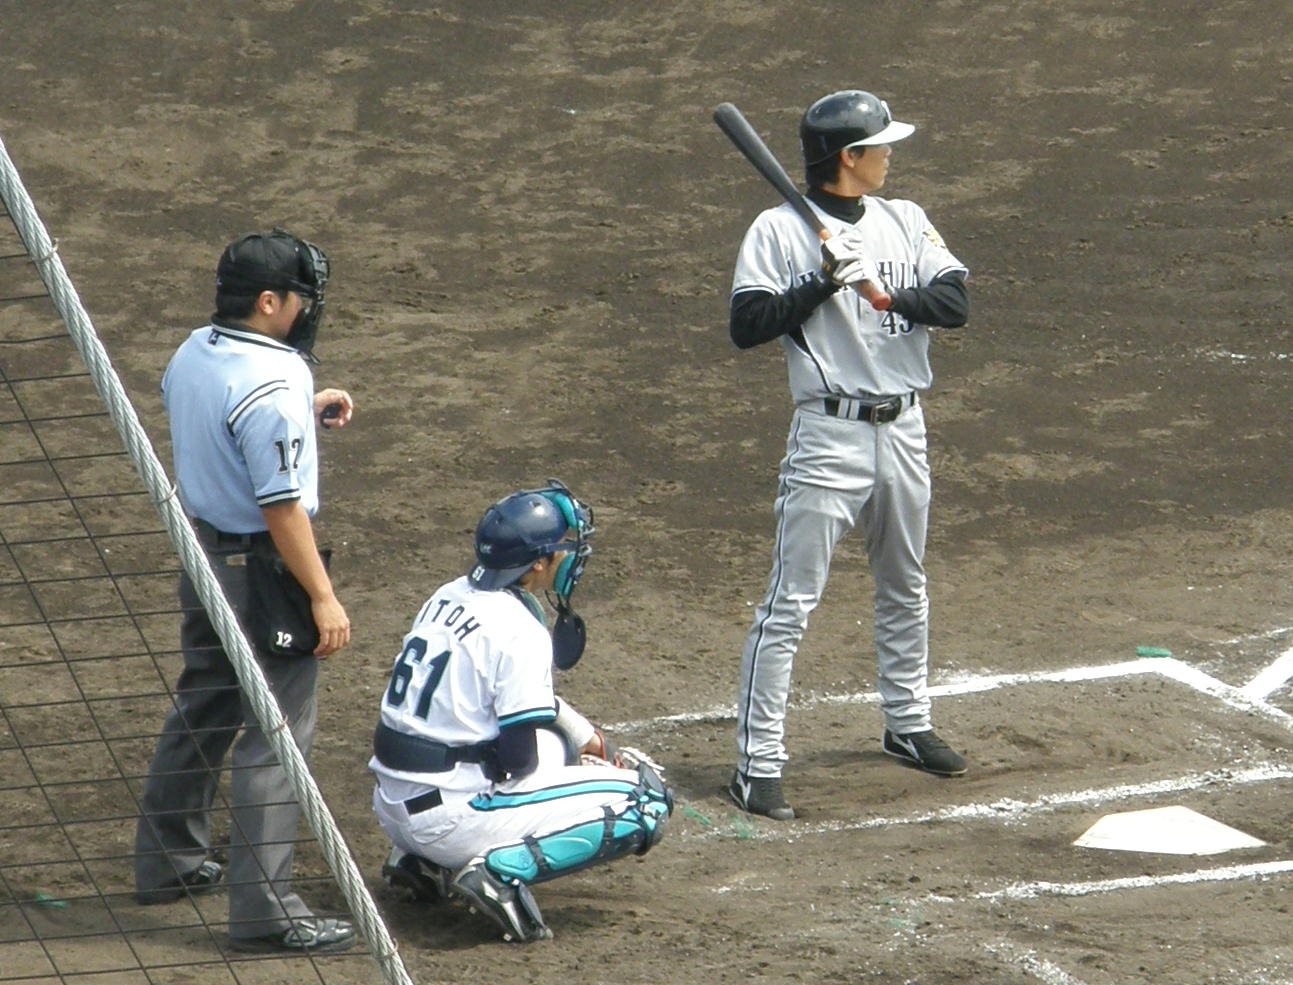 20080702yamadashinsuke_2